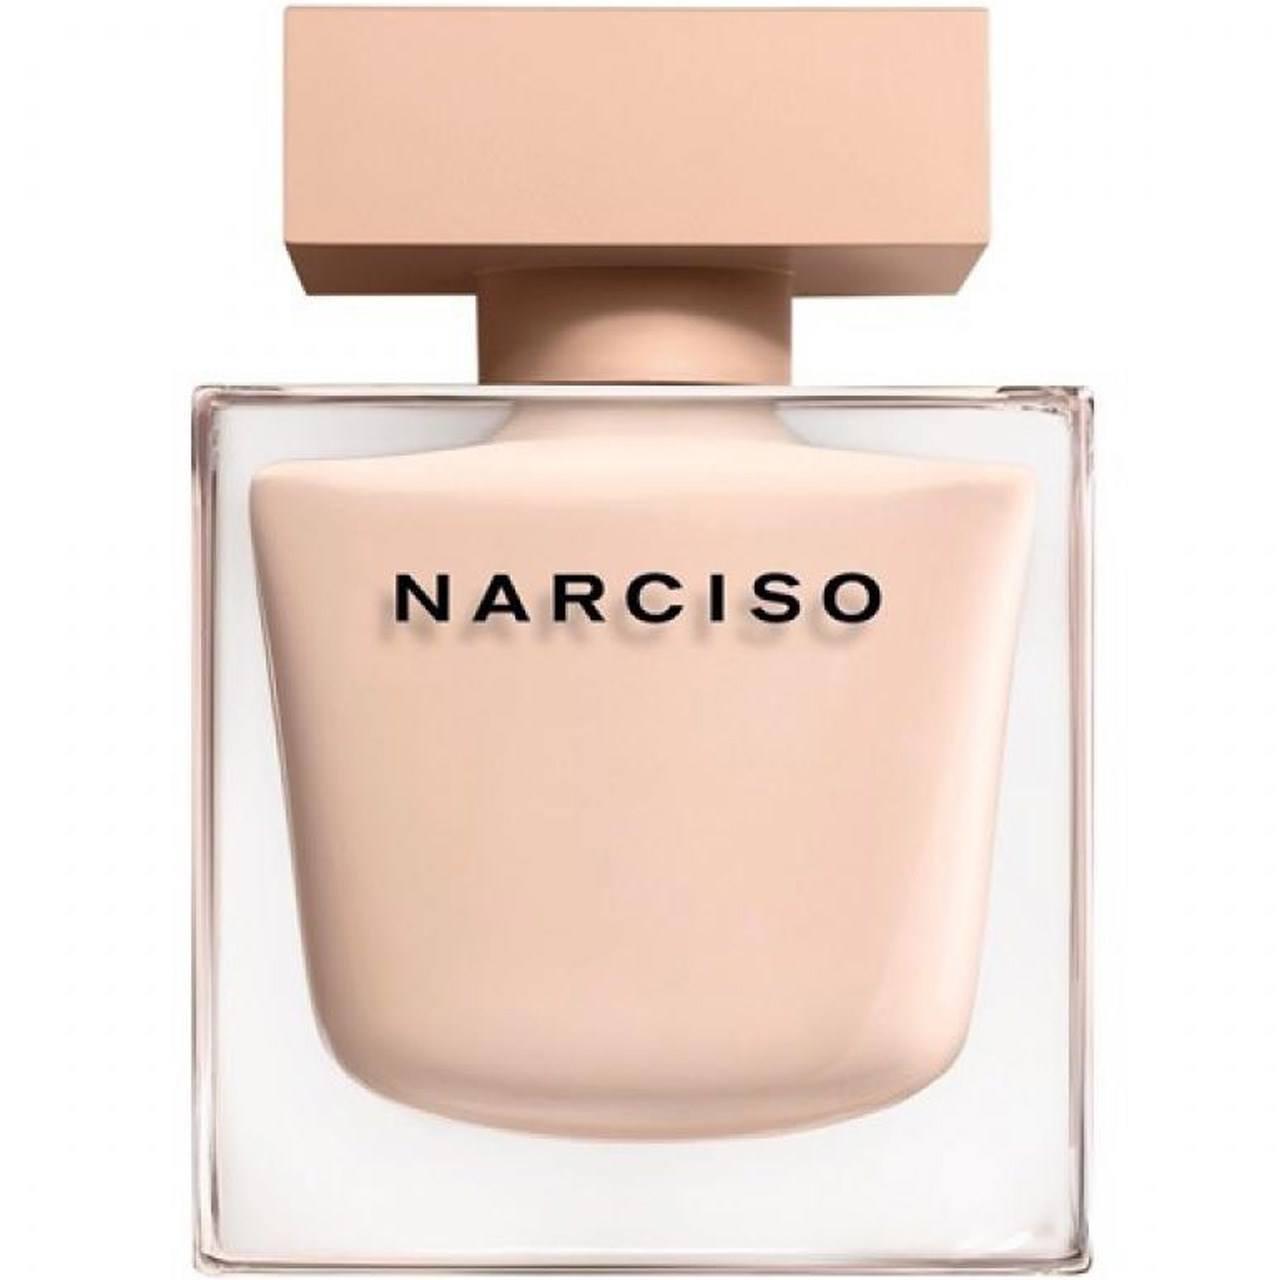 تستر ادو پرفیوم زنانه نارسیسو رودریگز مدل Narciso Poudree حجم 90 میلی لیتر